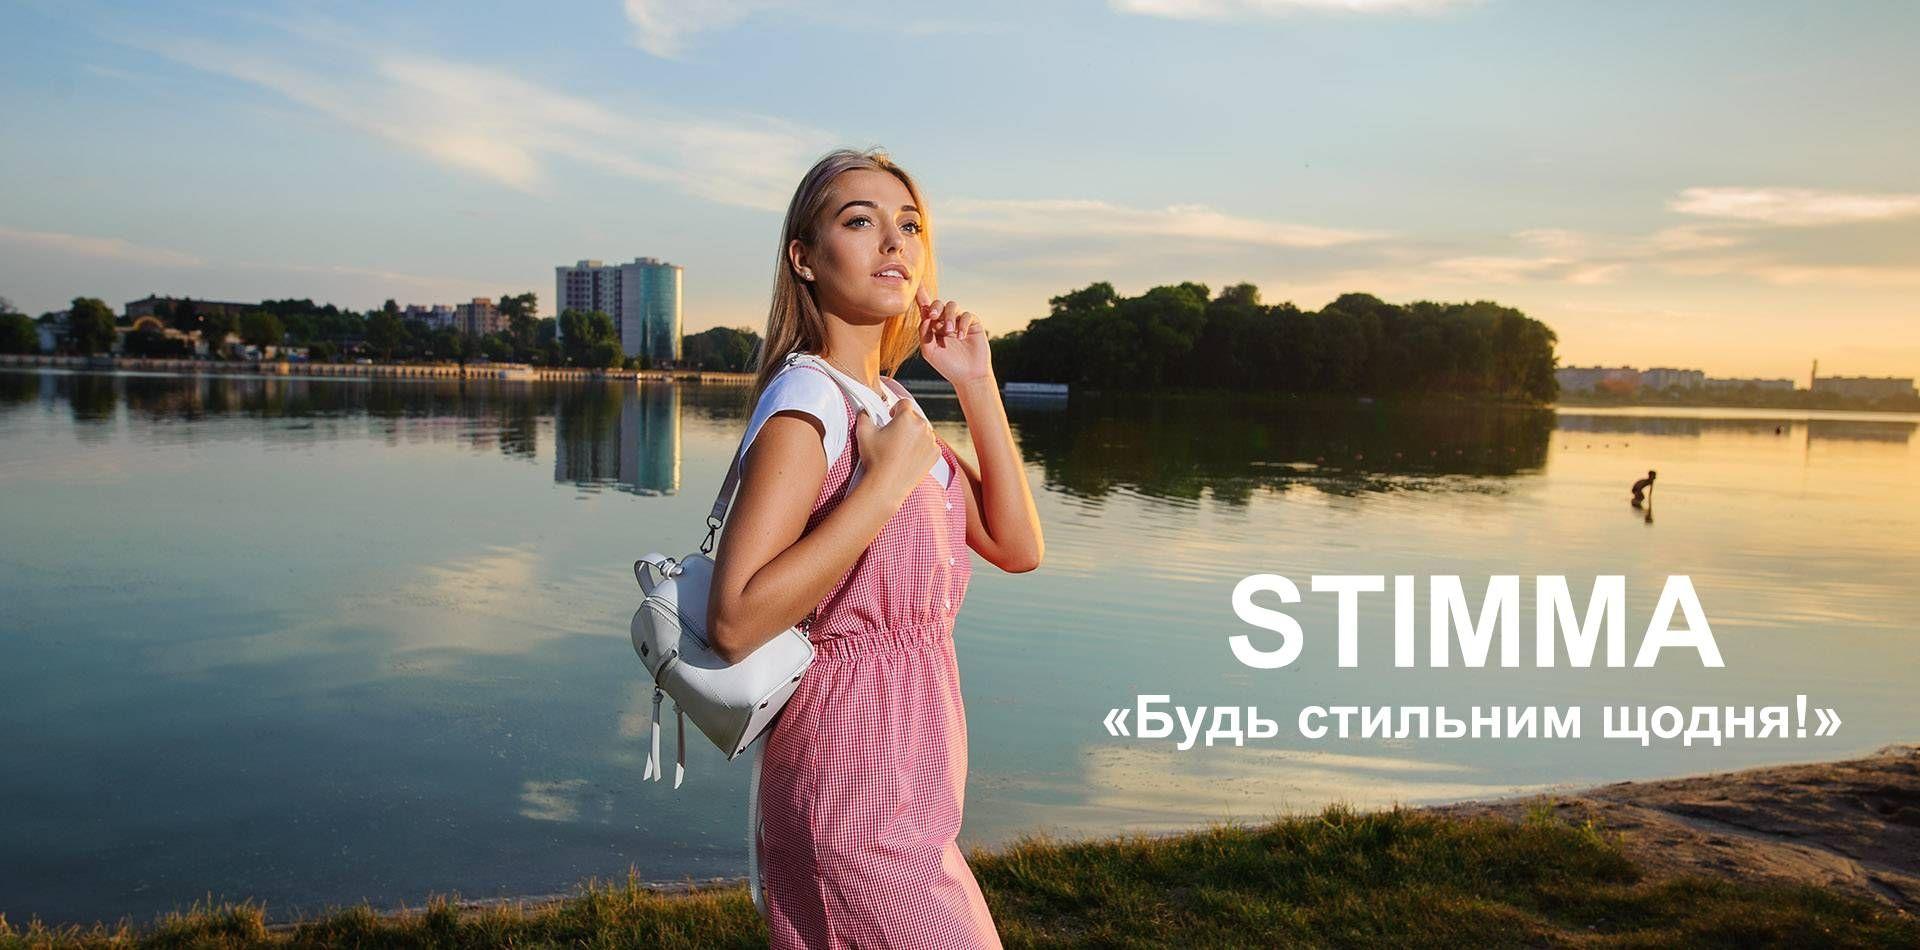 7cff0d853abb8 Stimma - интернет магазин женской одежды, одежда оптом и в розницу от  производителя.